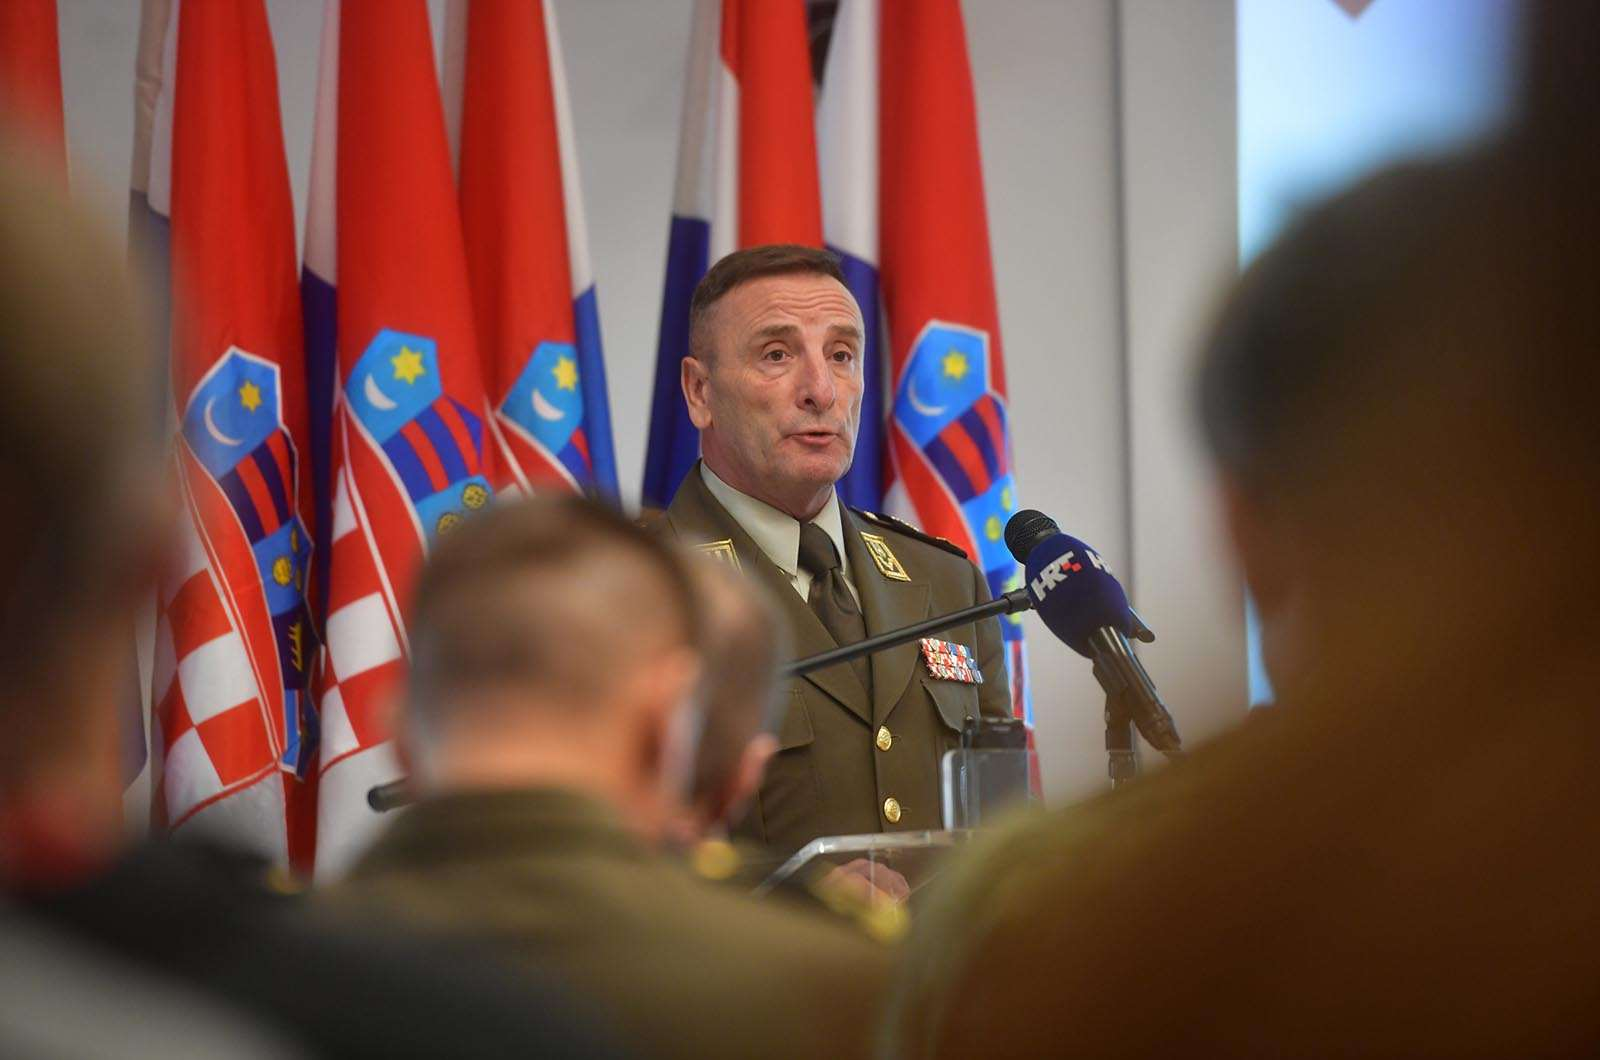 Vrhunski sportaši na čelu s Tinom Srbićem u Ministarstvu obrane